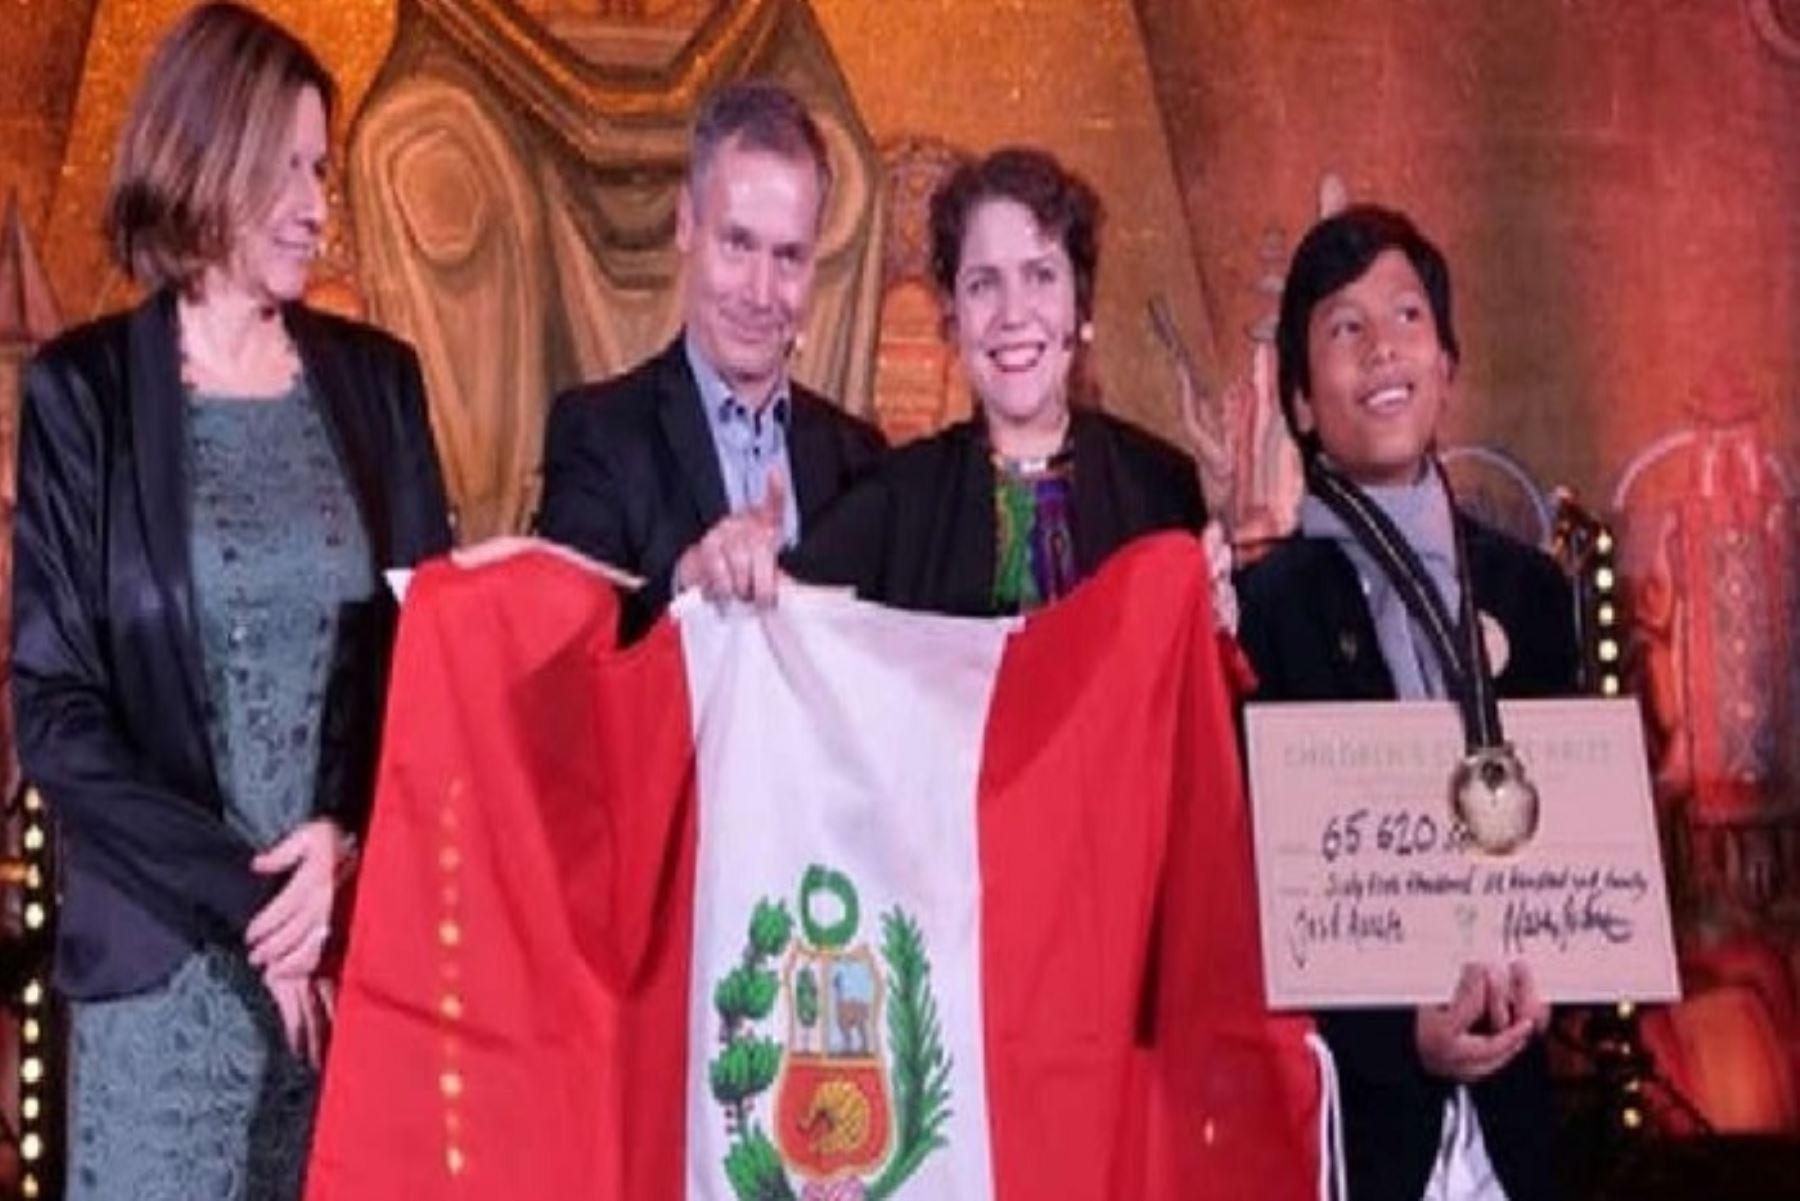 """José Adolfo Quisocala Condori, un niño de solo 13 años, natural de Arequipa y conocido como """"el niño banquero"""", recibió el Premio Climático Infantil 2018 que otorga la empresa Telge Energi en Estocolmo (Suecia)."""